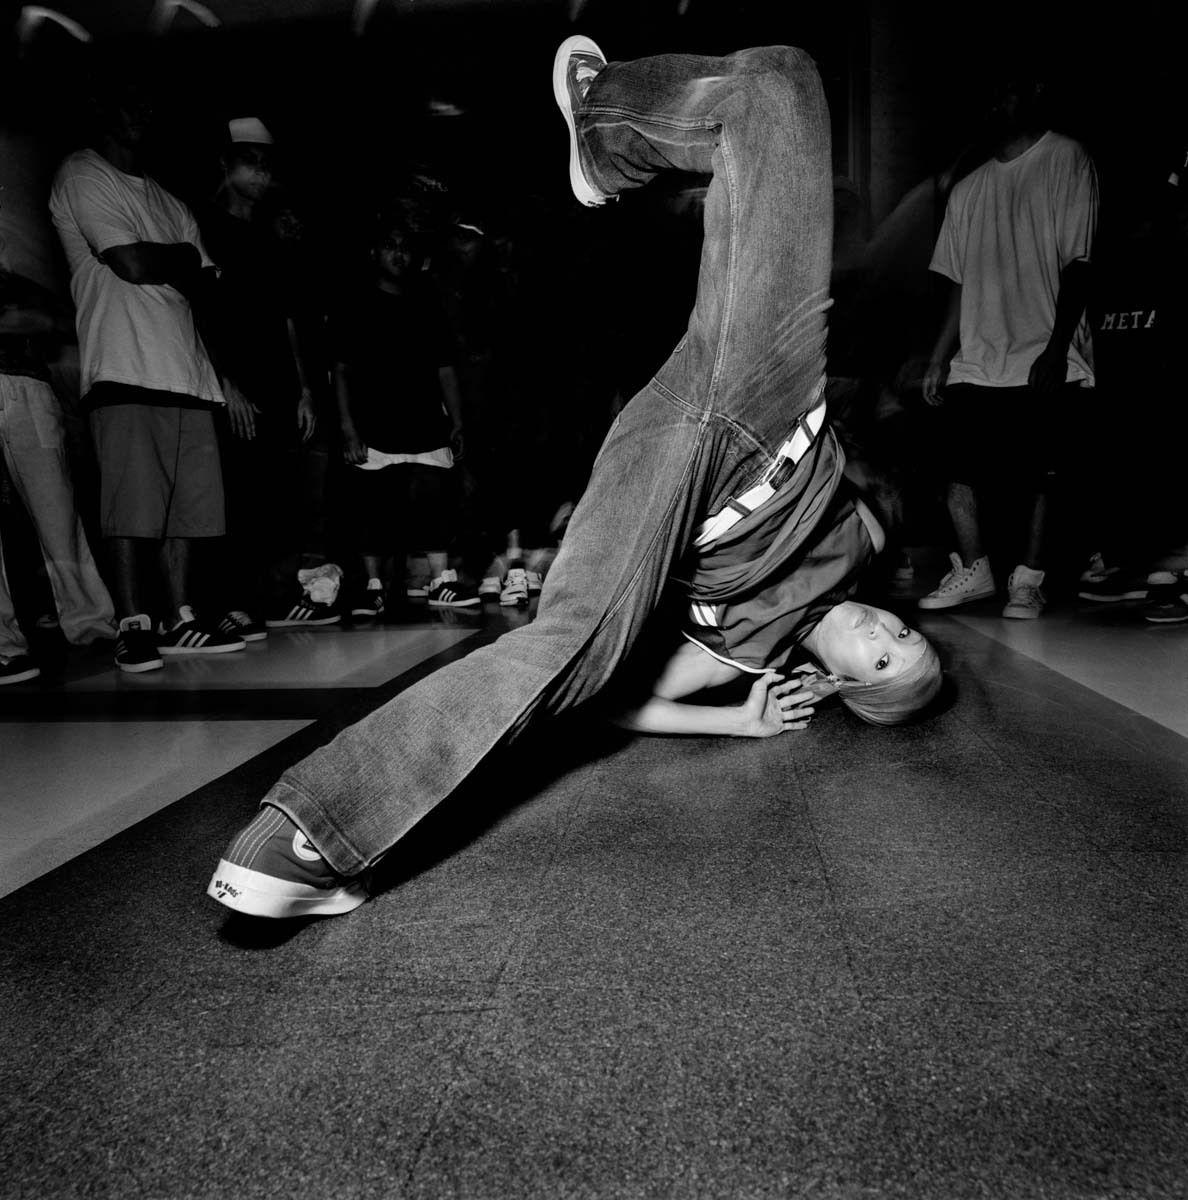 1cypher_breakdancers_1.jpg